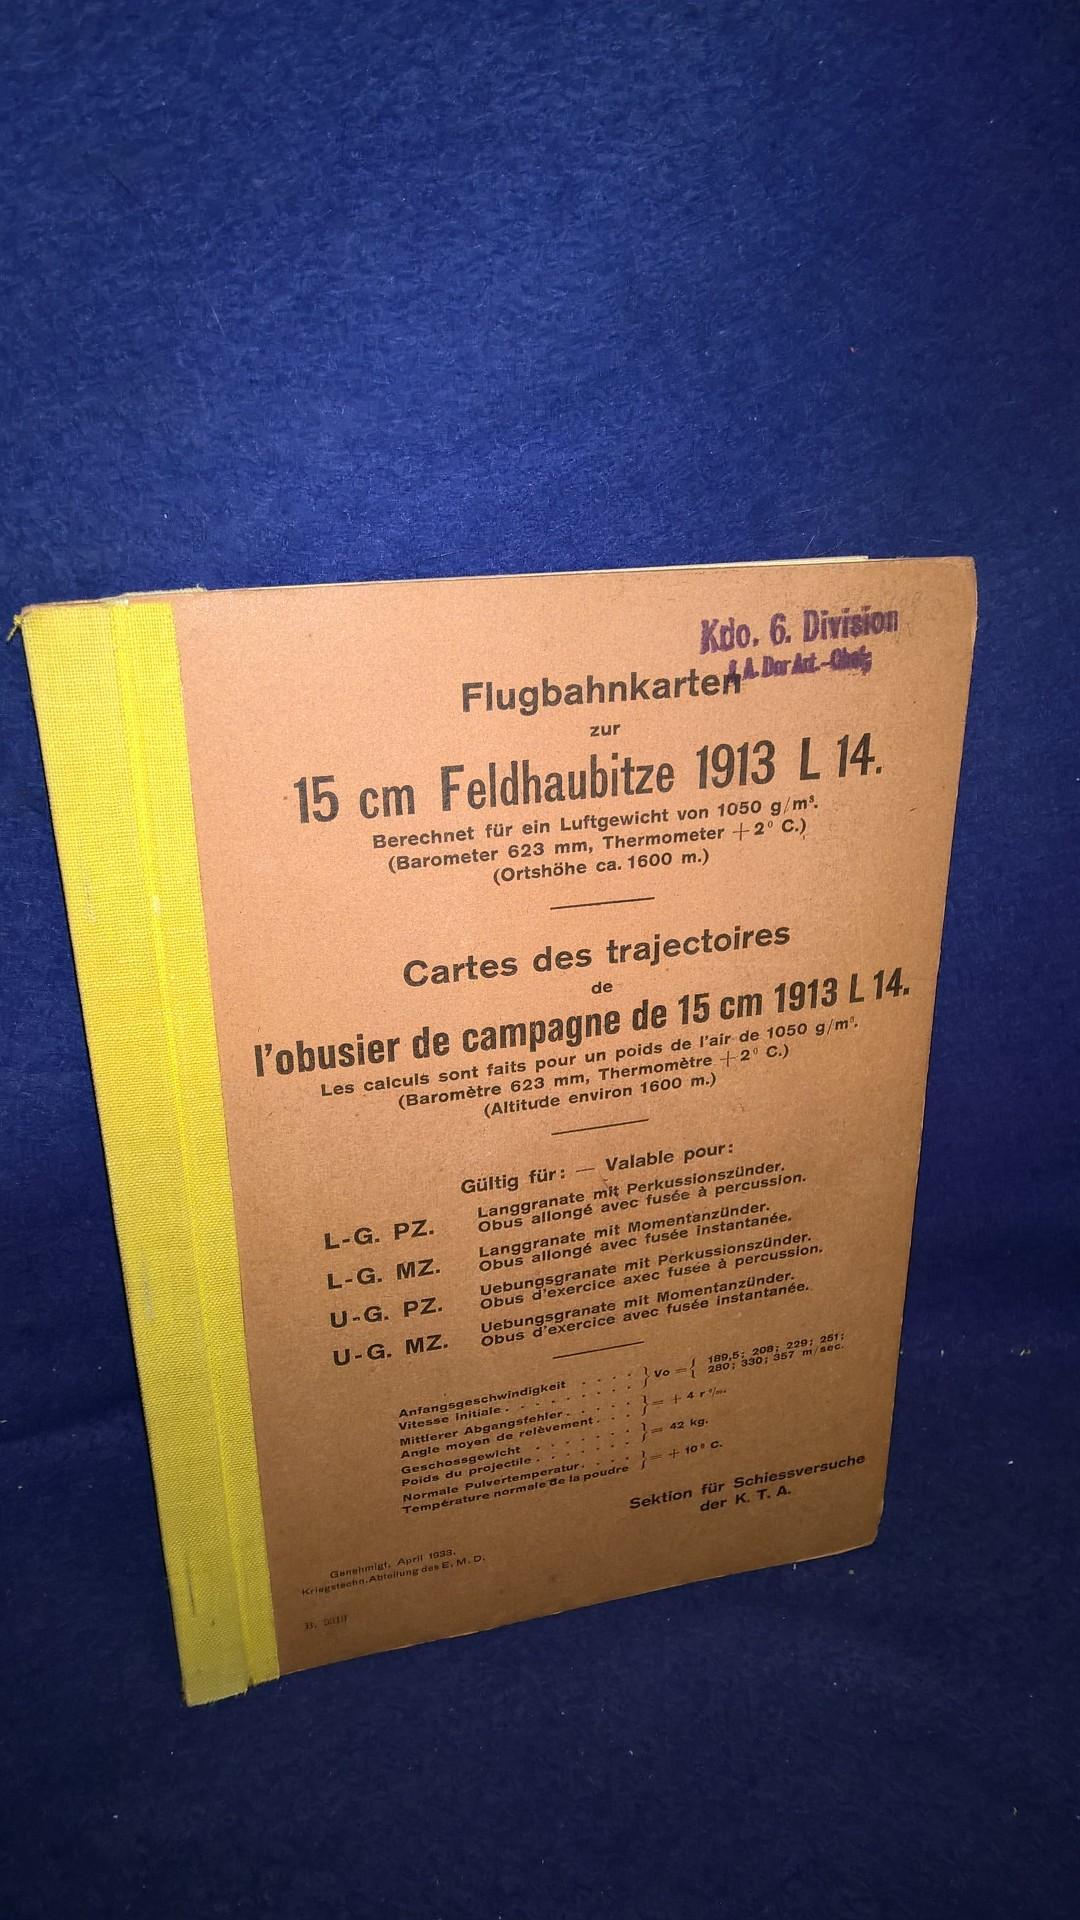 Flugbahnkarten zur 15 cm Feldhaubitze 1913 L 14 (deutsche Fertigung durch Krupp). Selten.